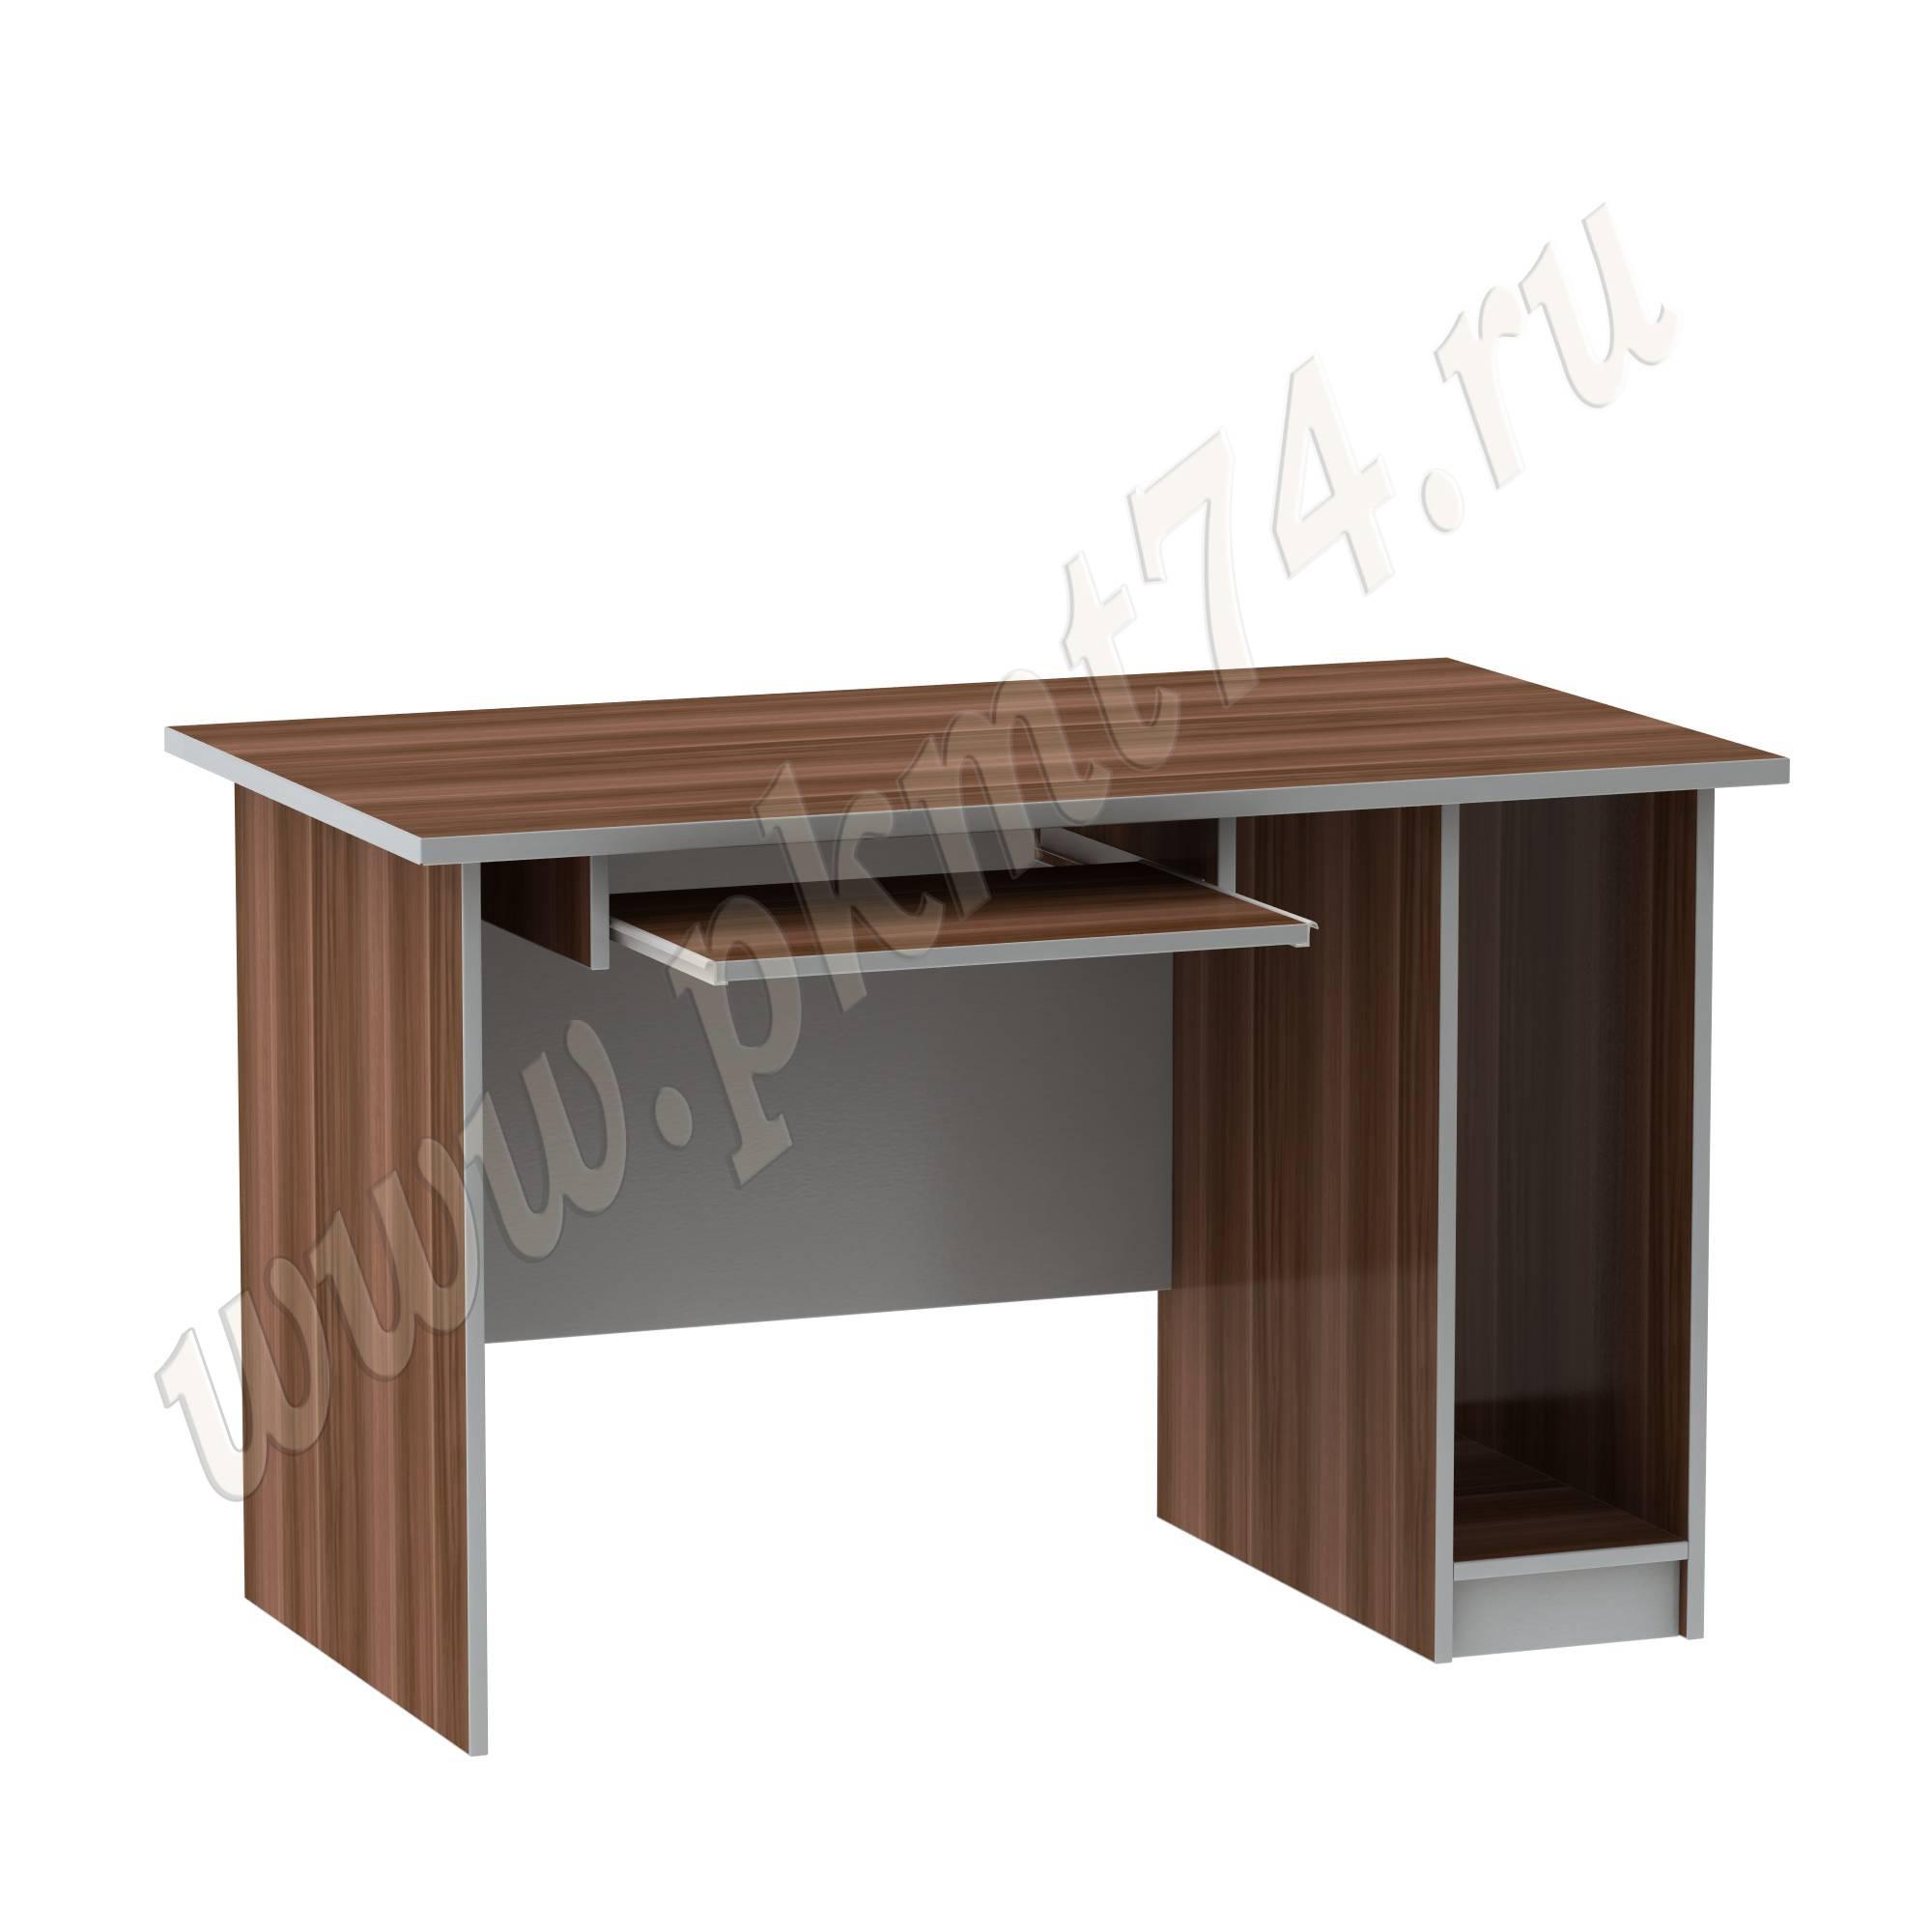 Стол офисный с подставкой под системный блок MT 07-3 Слива-Алюминий